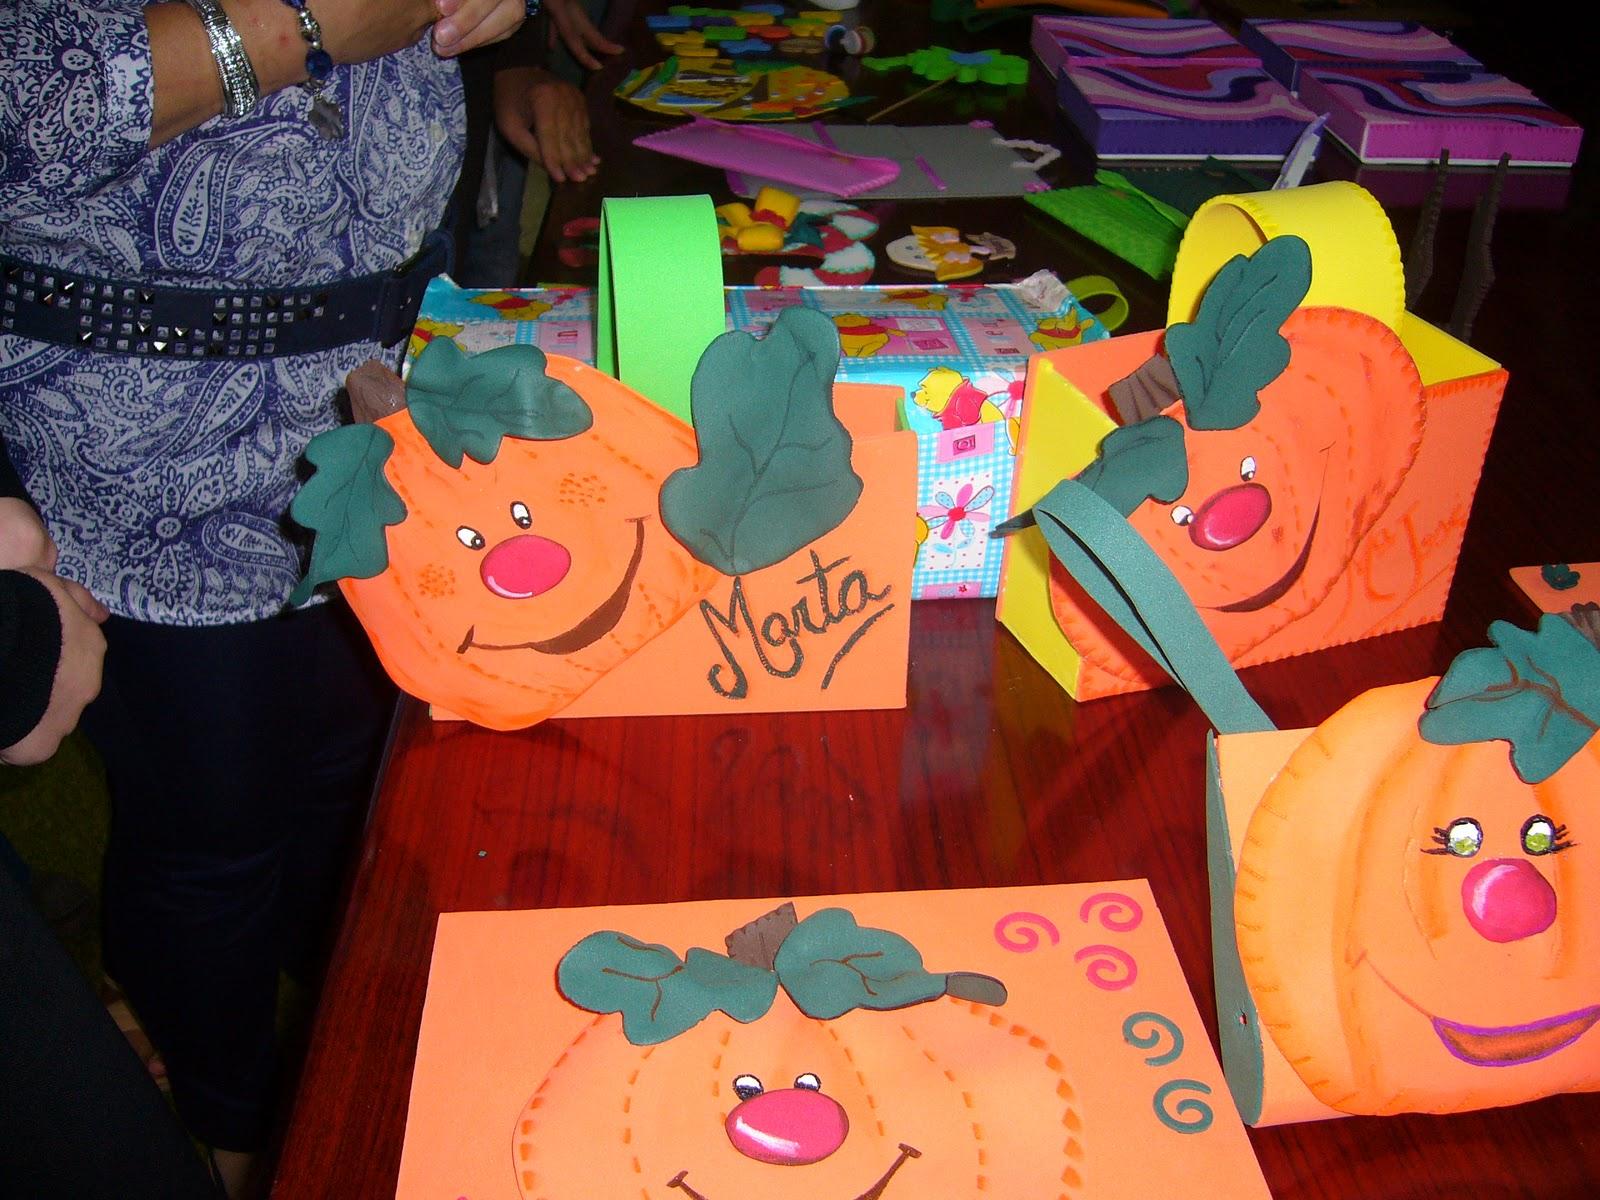 http://3.bp.blogspot.com/_UwtWR98eE-g/TKhdJDA9MXI/AAAAAAAAA-g/1vsEFpJb5Fg/s1600/curso+Trabada-Lugo+021.JPG